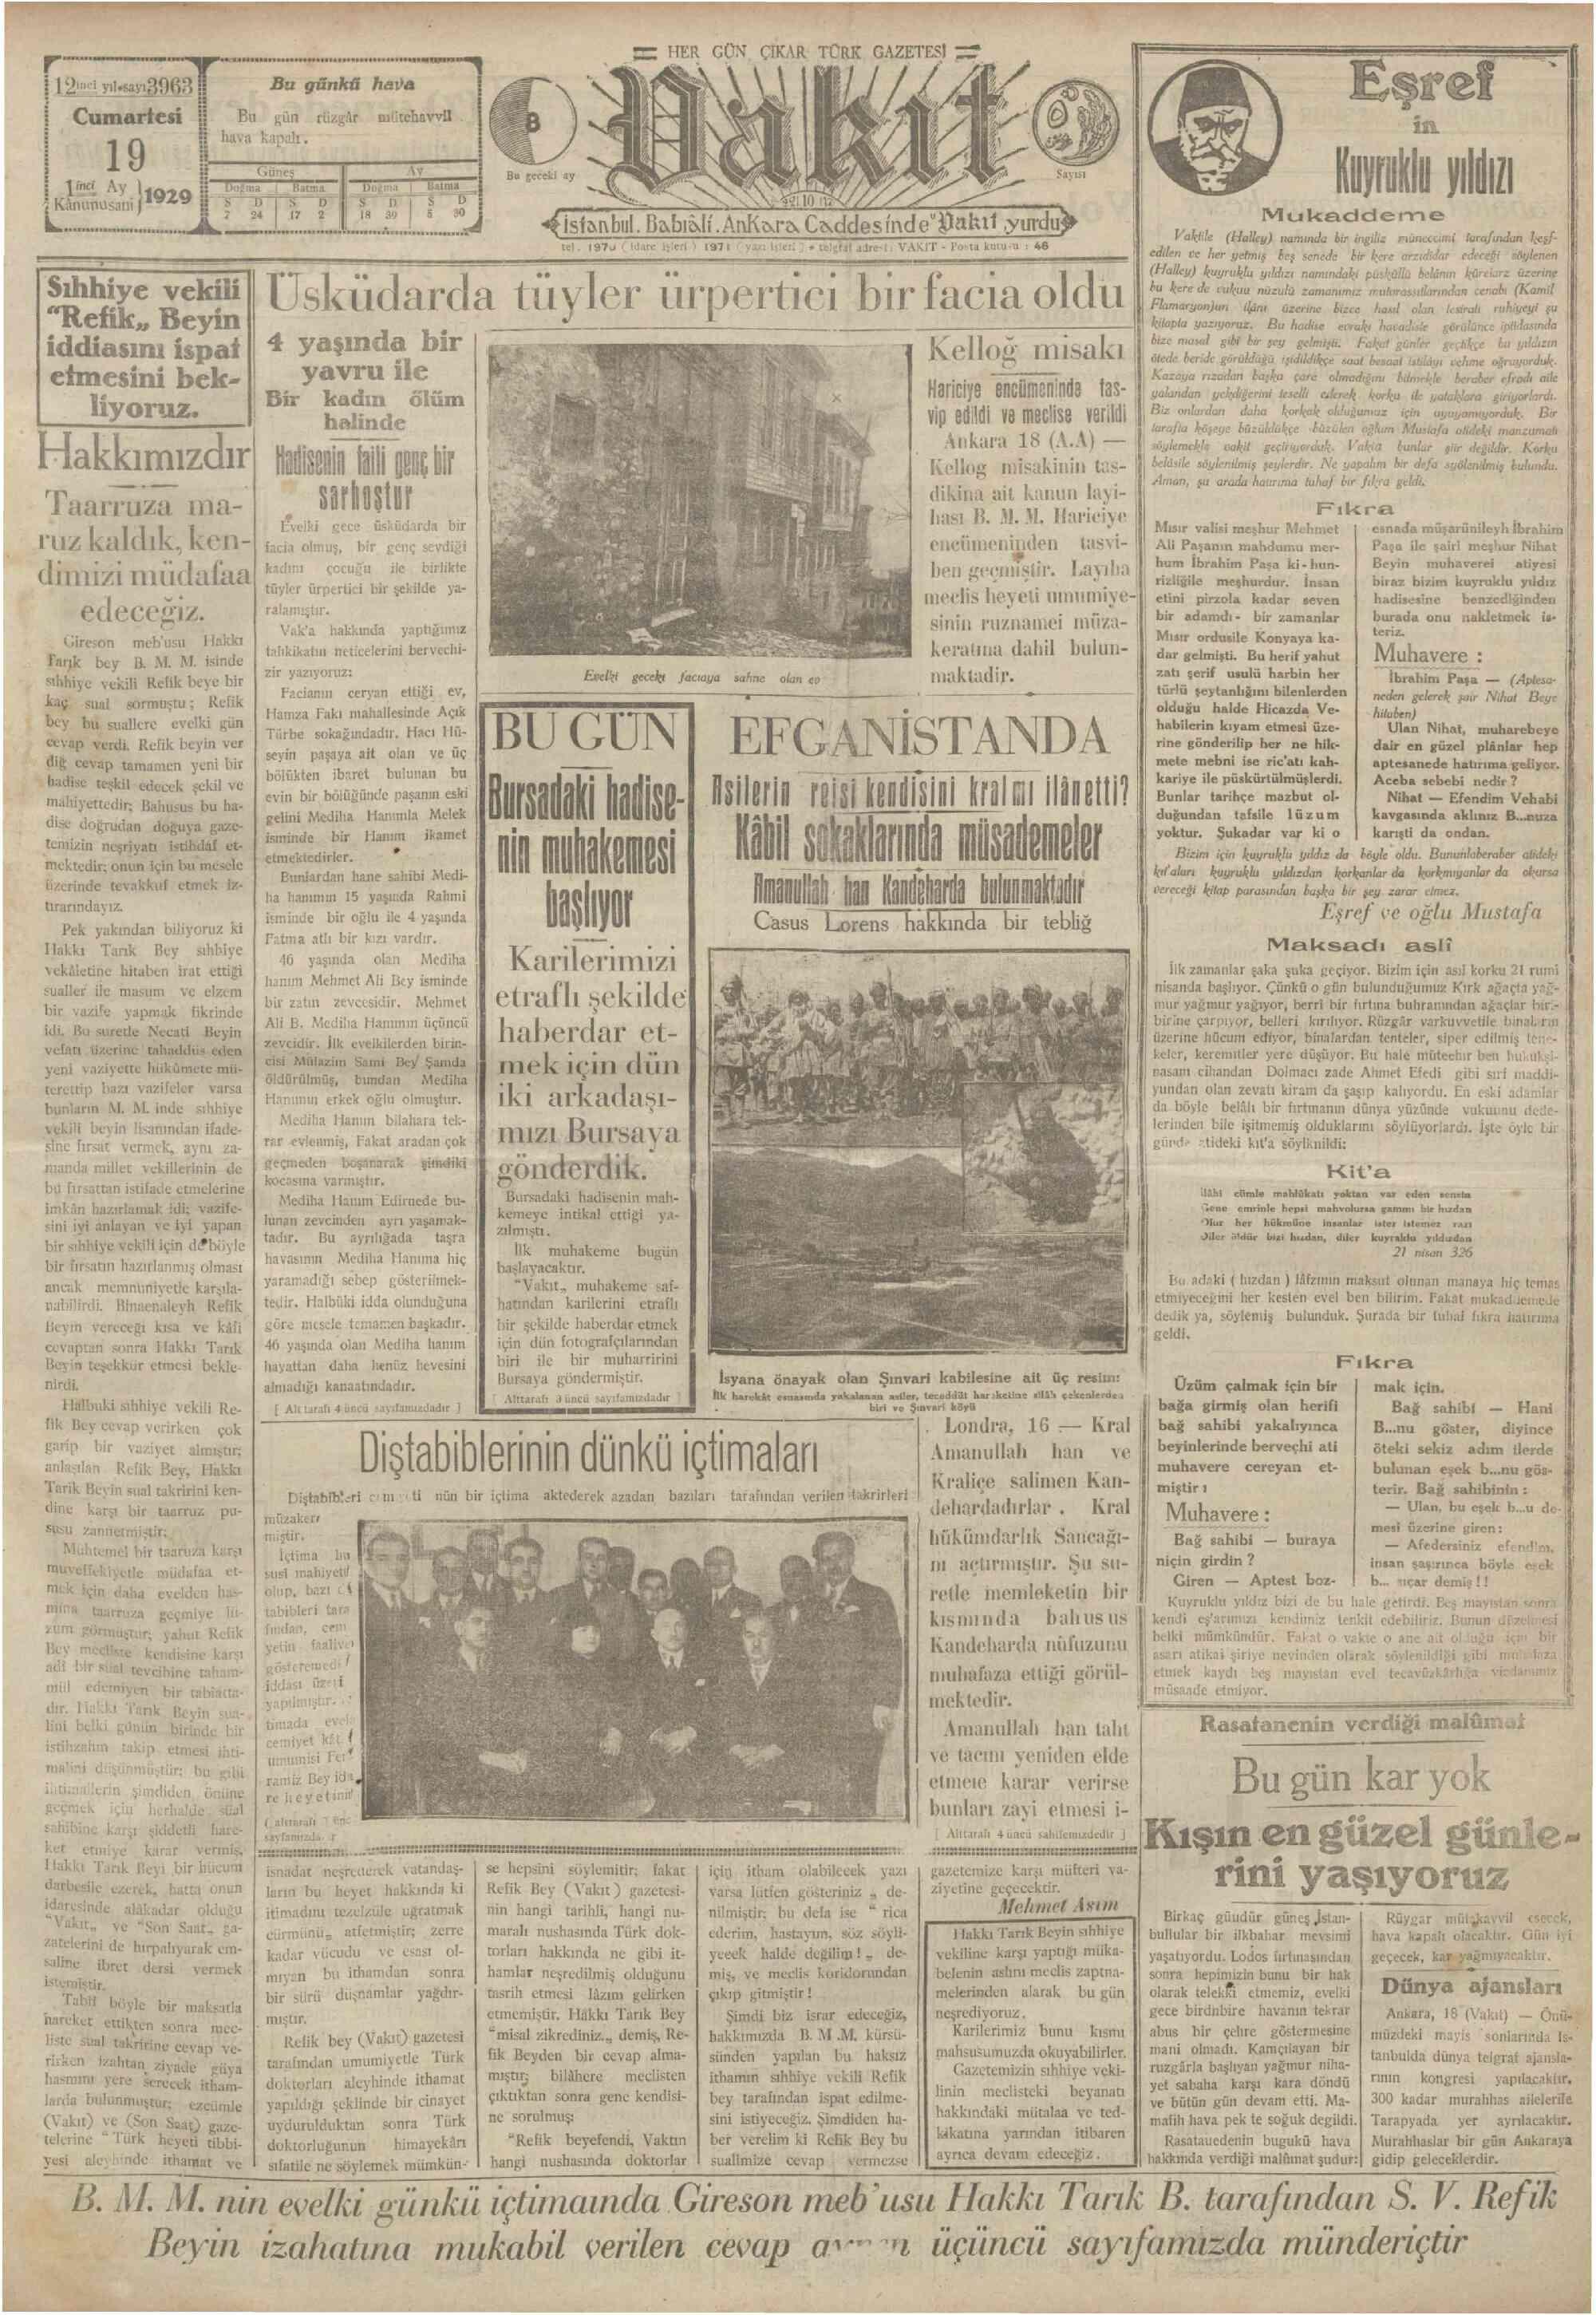 19 Ocak 1929 Tarihli Vakit Gazetesi Sayfa 1